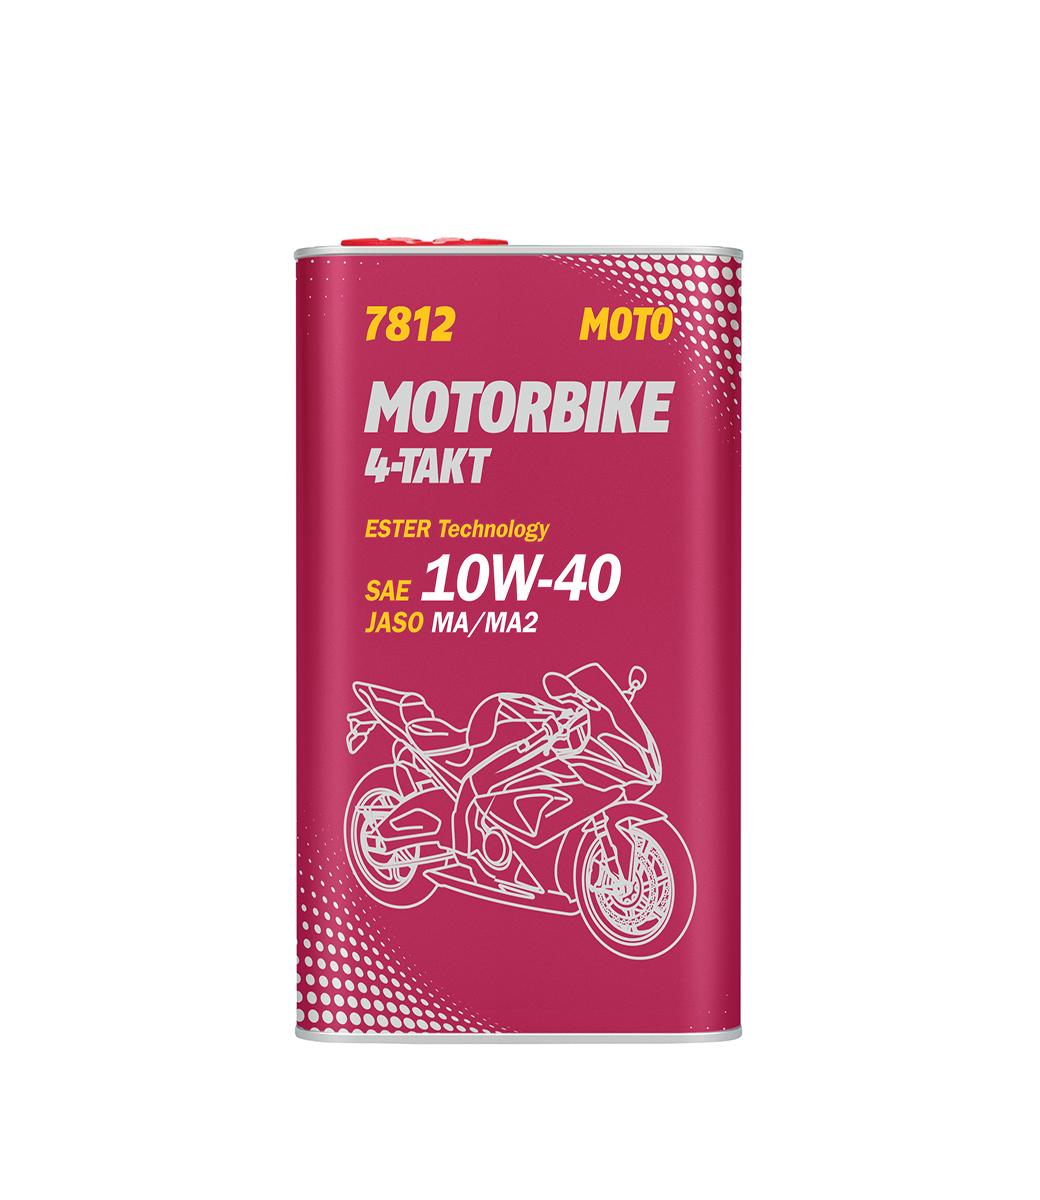 Motorbike 4-Takt 10W-40